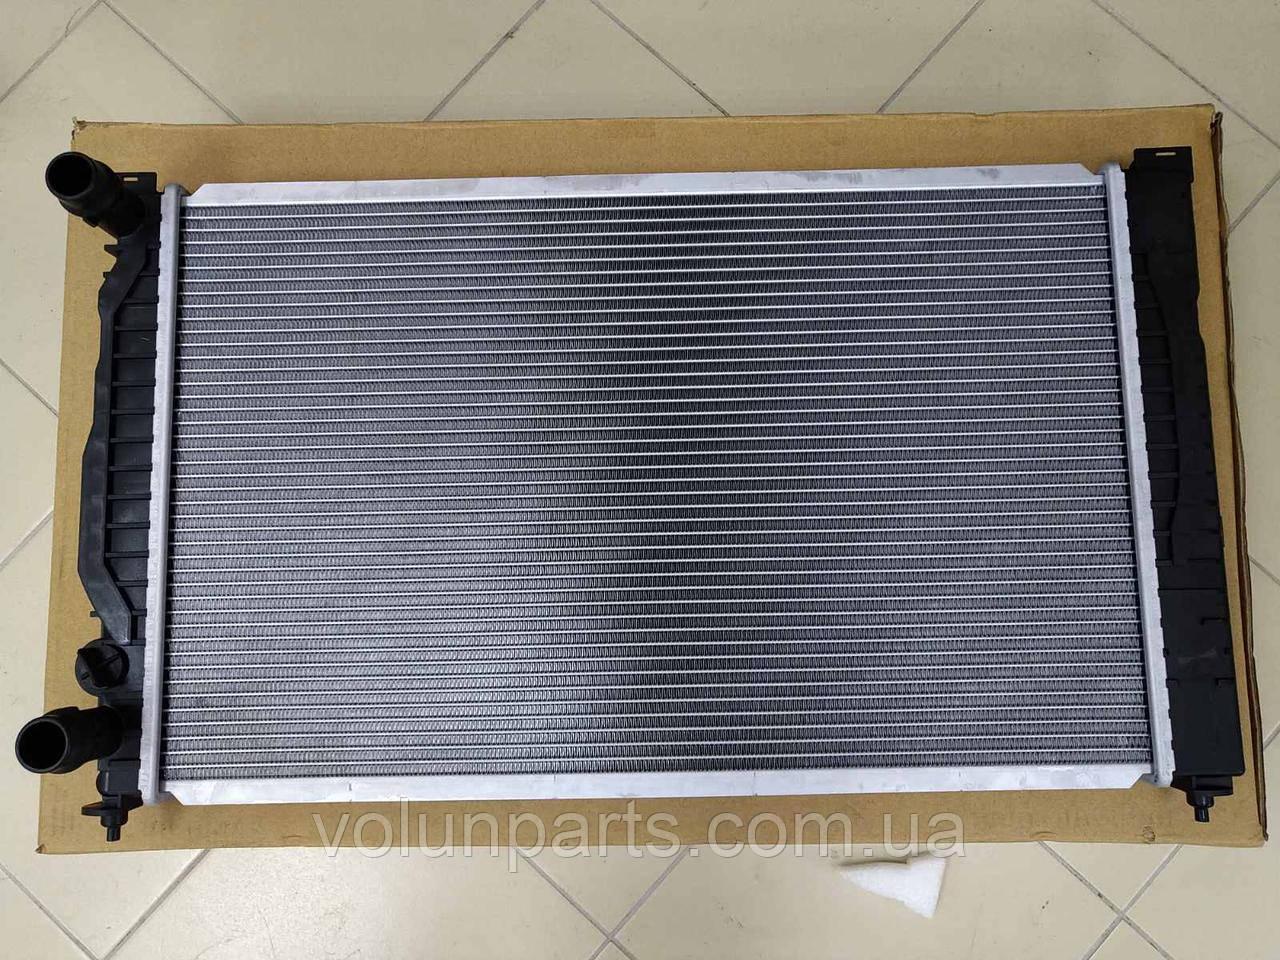 Радиатор охлаждение Audi a4b5/a6c5/Passat b5/Skoda superb 1.6-2.0  Polcar 1324082